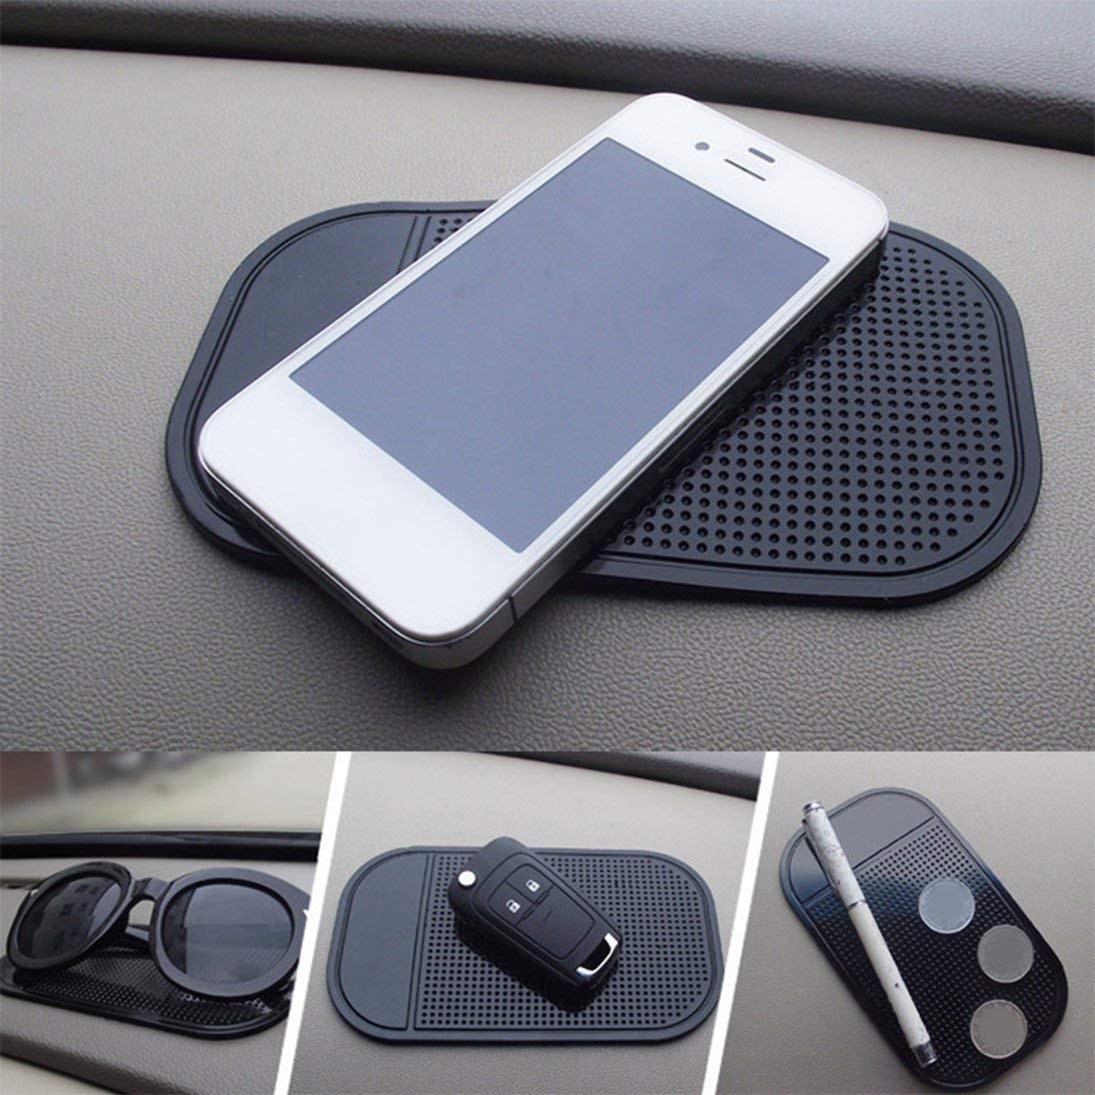 ToGames Silicone Anti-d/érapant Tapis de Voiture Tapis de Tableau de Bord Collant Support de Montage pour t/él/éphone cellulaire v/éhicule GPS Titulaire Accessoires int/érieurs